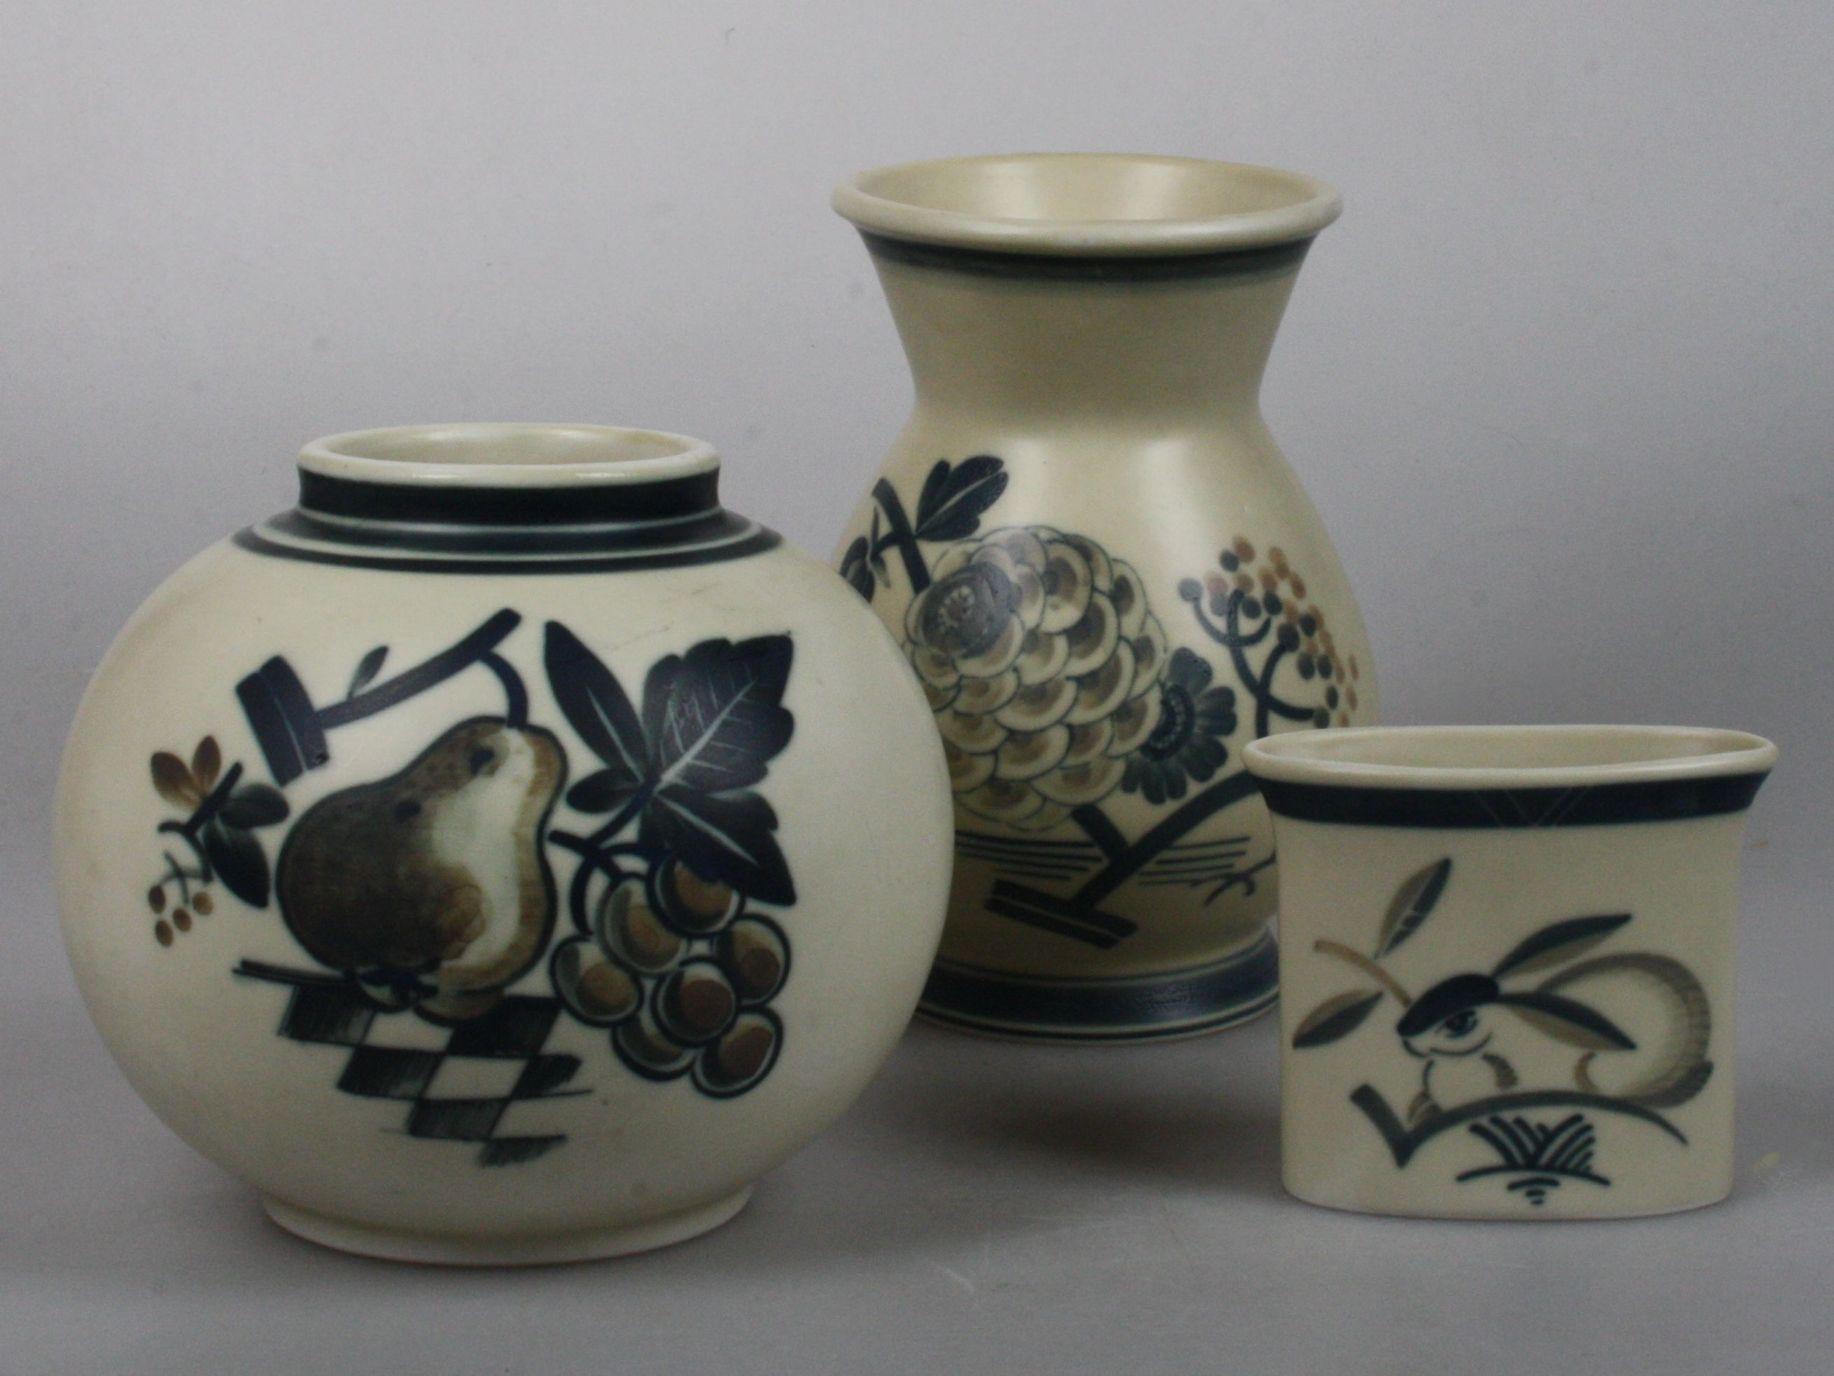 http://artentique.nl/shop/aluminia-art-deco-porcelain-vase-with-pear/